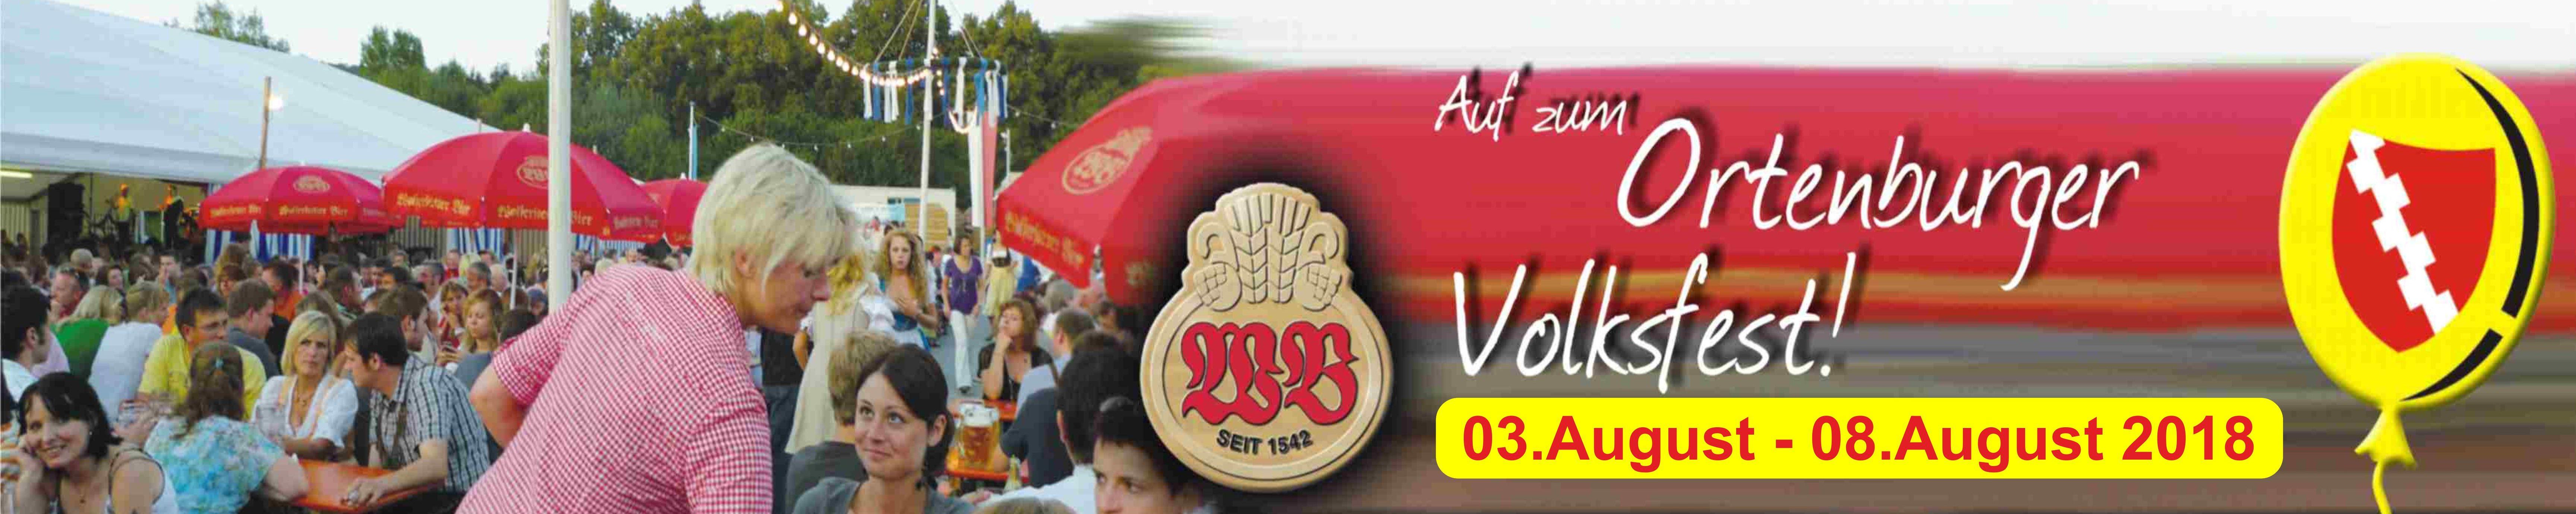 Ortenburger Volksfest